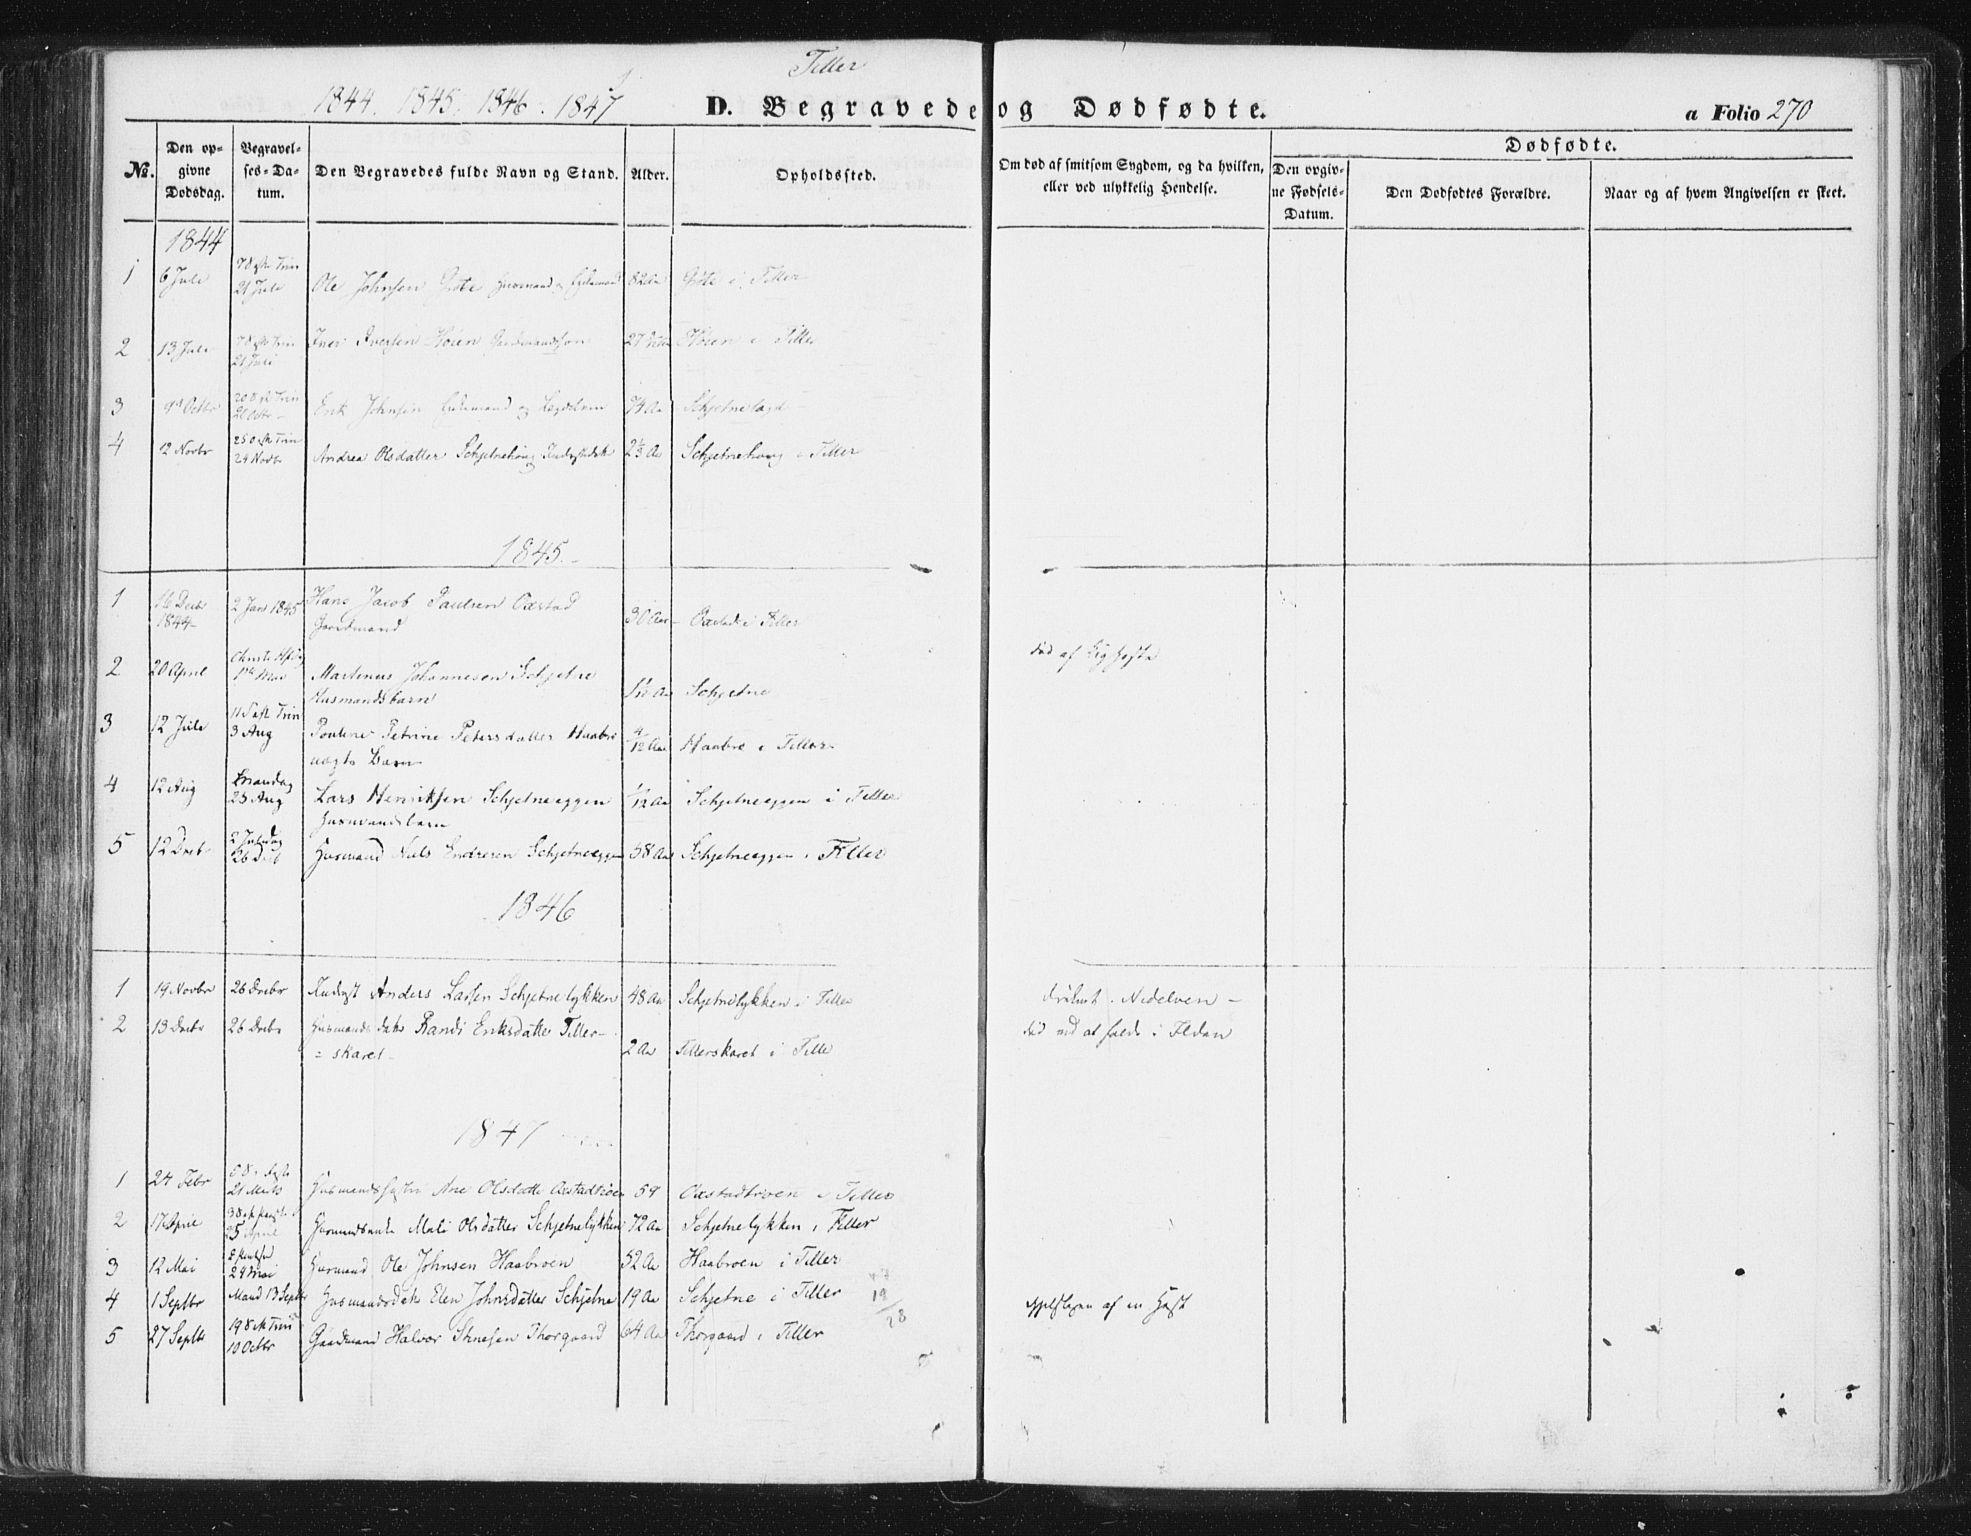 SAT, Ministerialprotokoller, klokkerbøker og fødselsregistre - Sør-Trøndelag, 618/L0441: Ministerialbok nr. 618A05, 1843-1862, s. 270